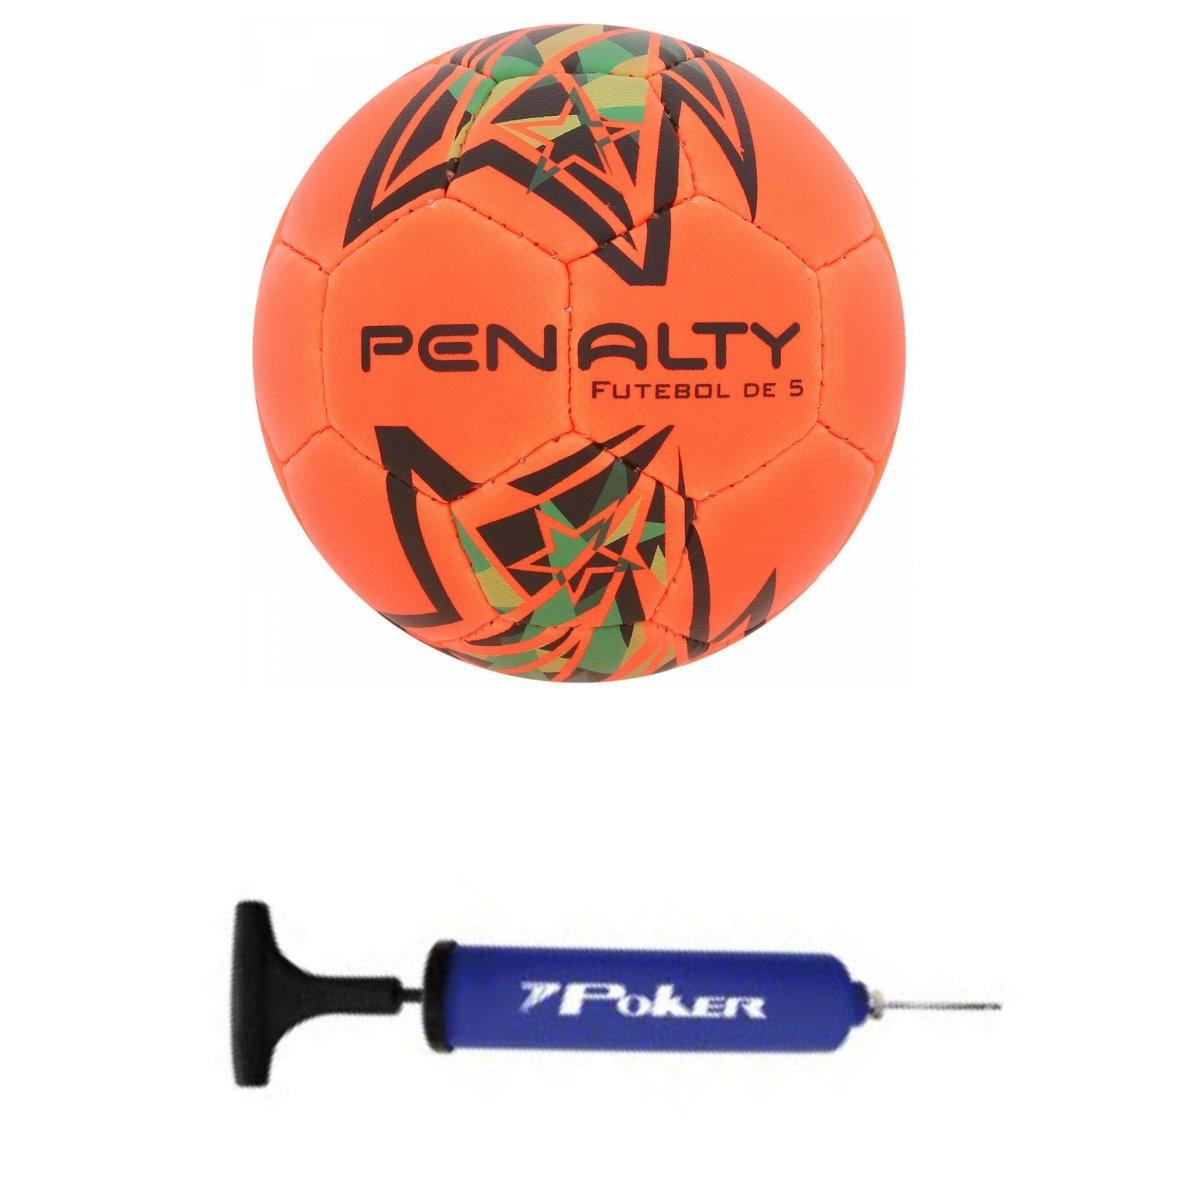 2457457b93 bola com guizo futsal penalty + bomba poker. Carregando zoom.